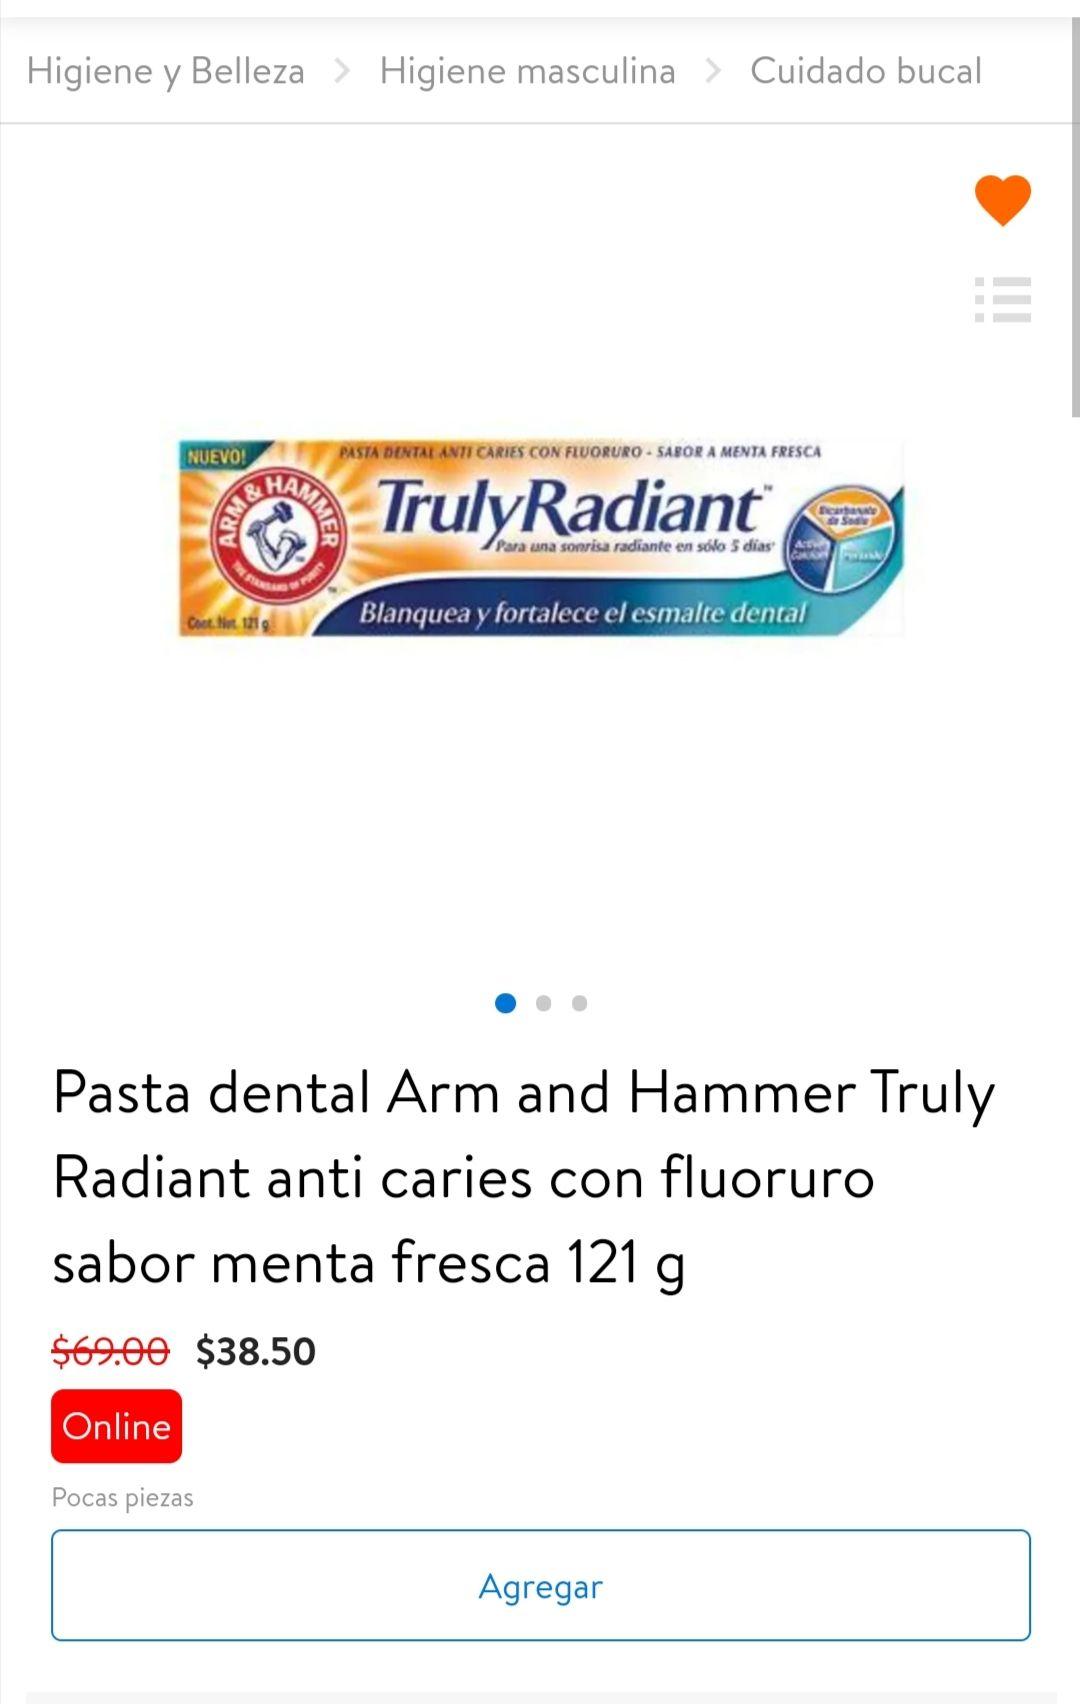 Walmart: Pasta dental Arm and Hammer Truly Radiant sabor menta fresca 121 g